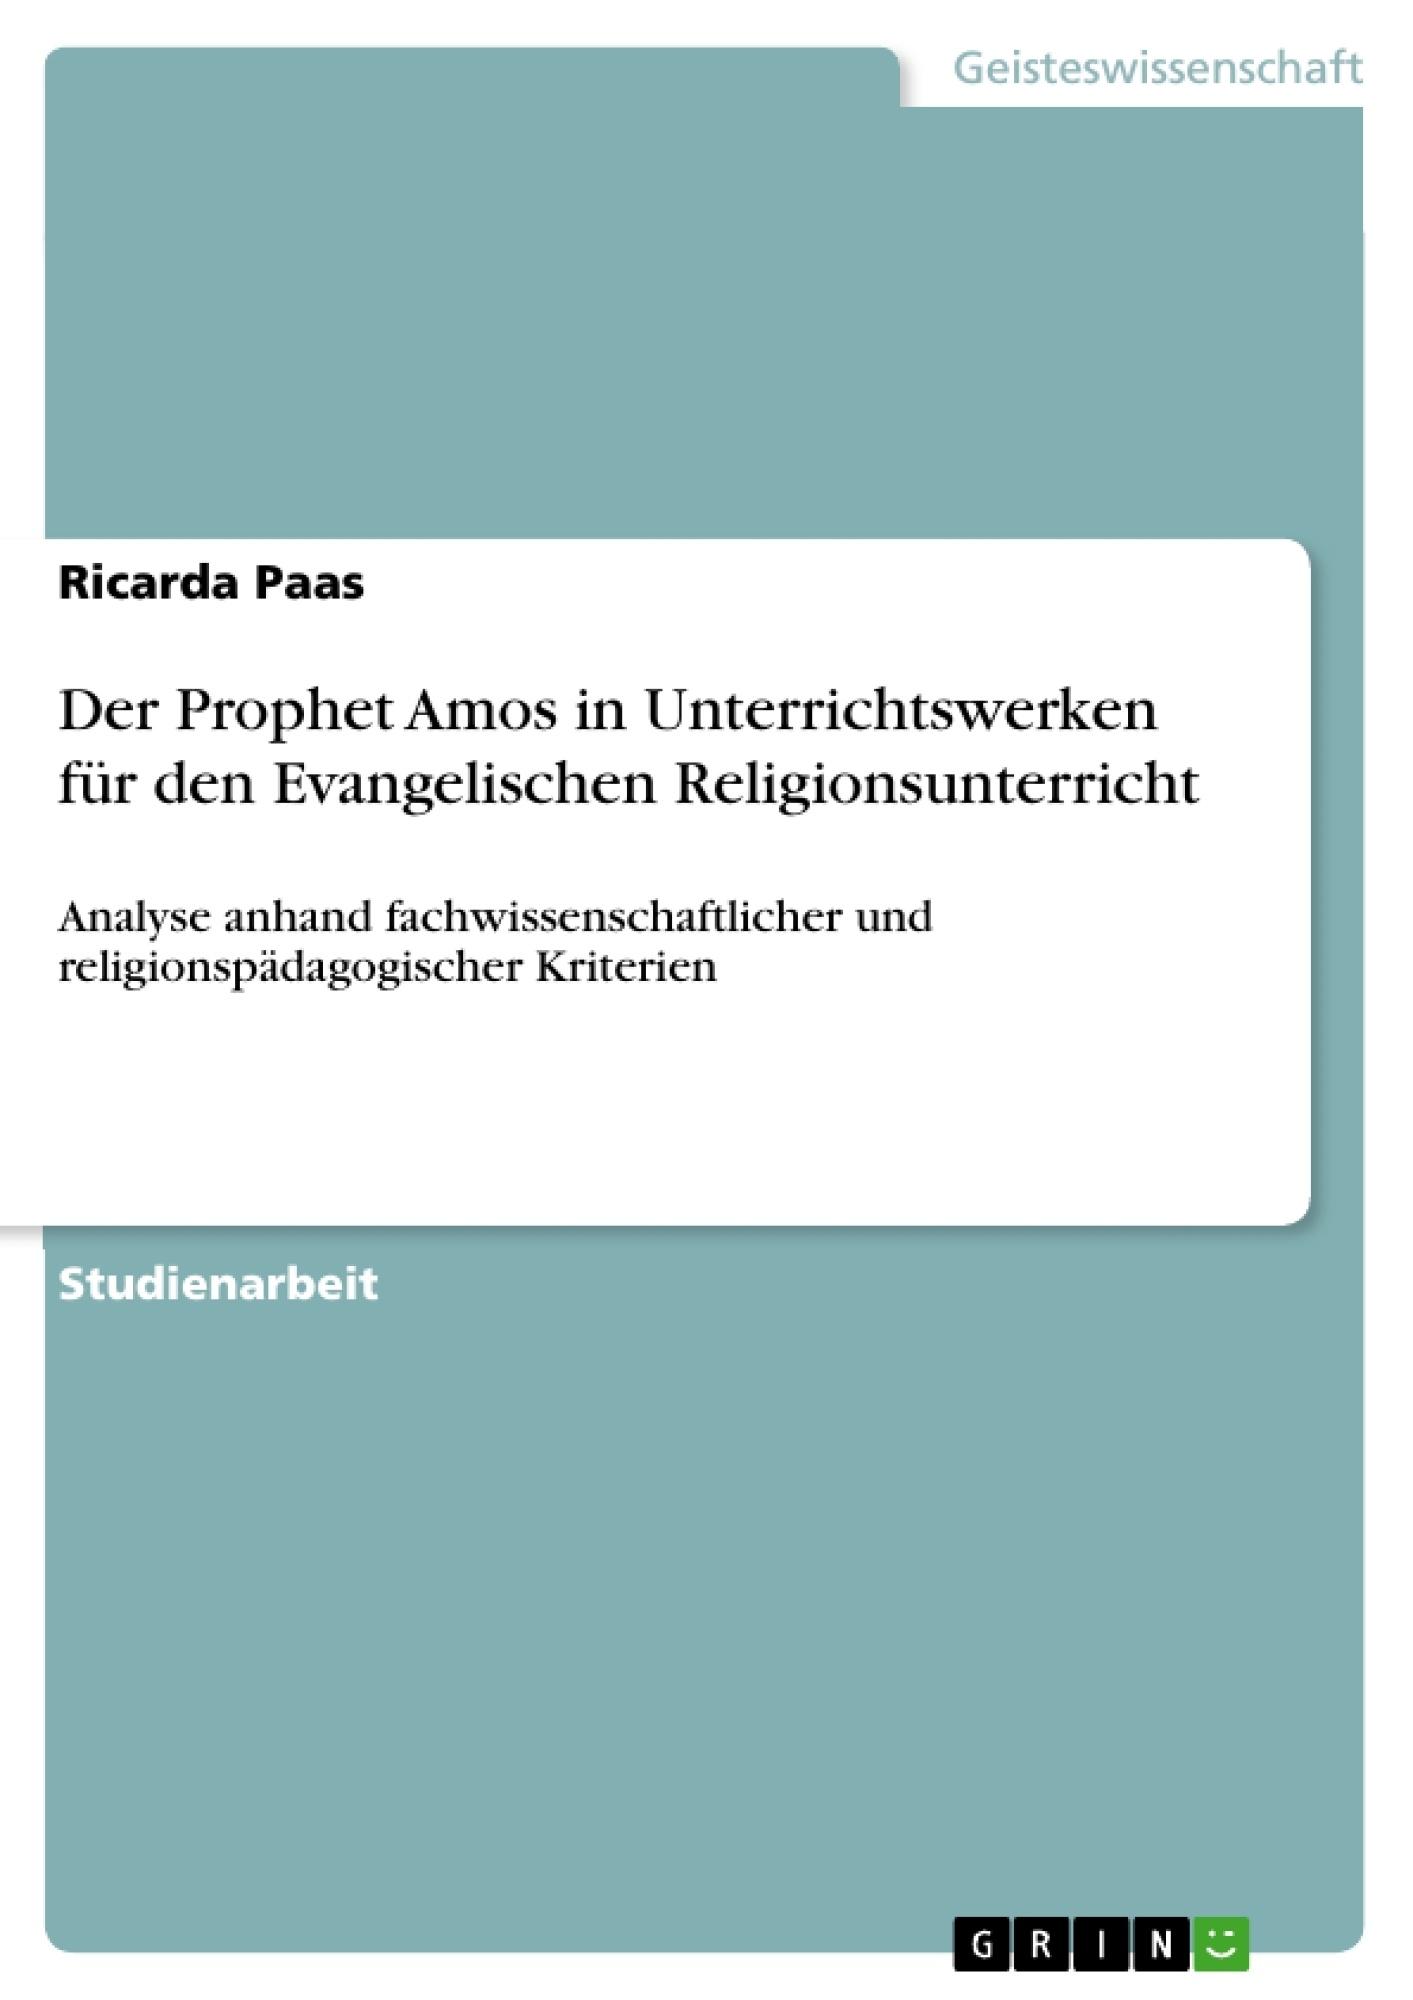 Titel: Der Prophet Amos in Unterrichtswerken für den Evangelischen Religionsunterricht